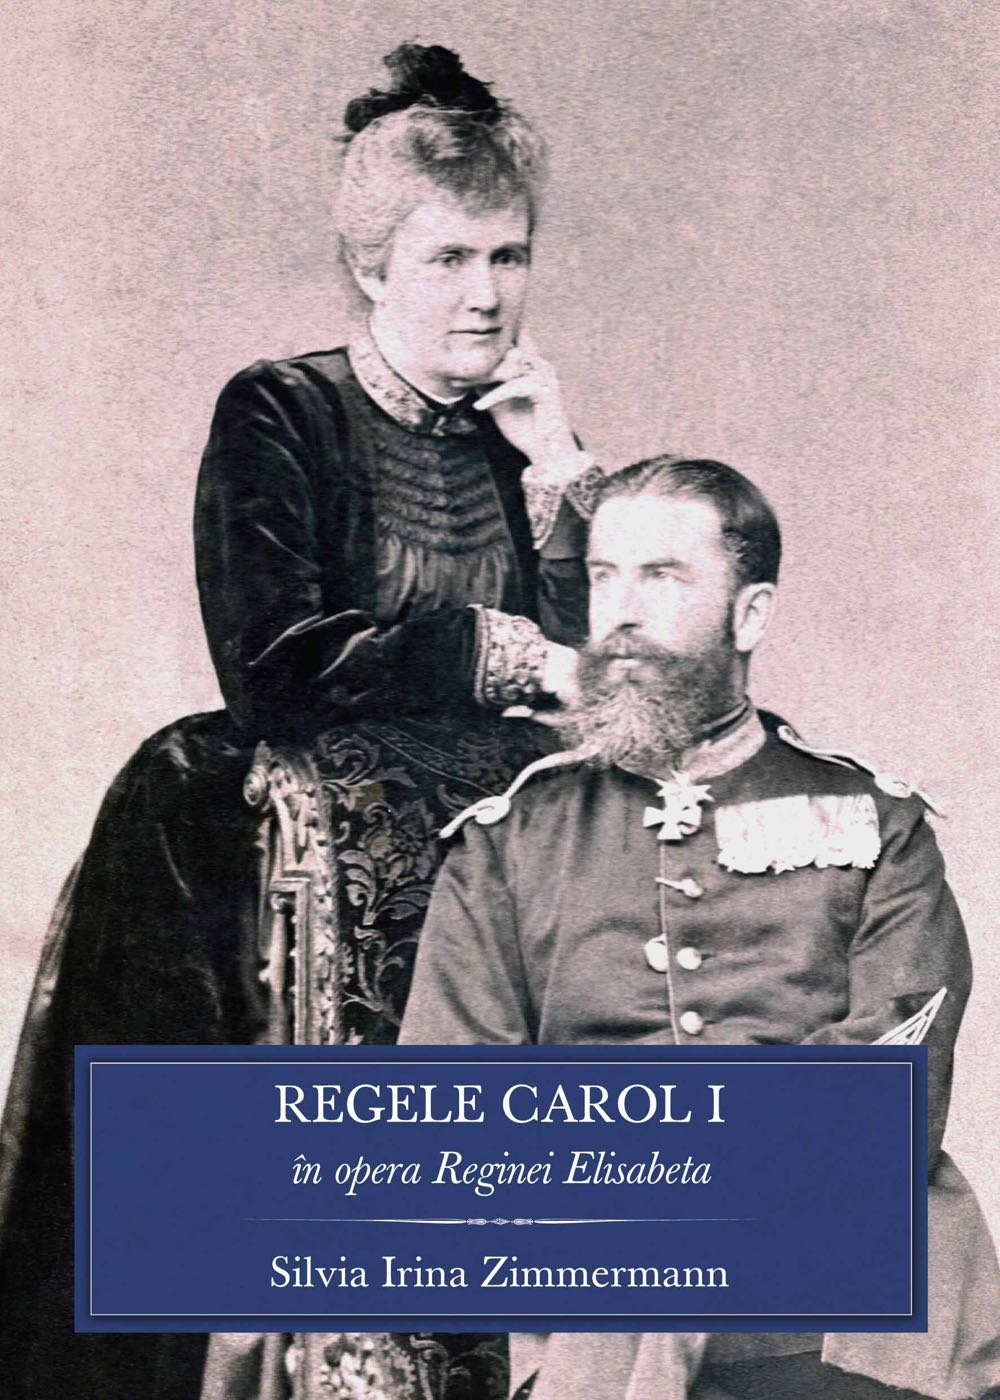 Regele Carol I şi Regina Elisabeta